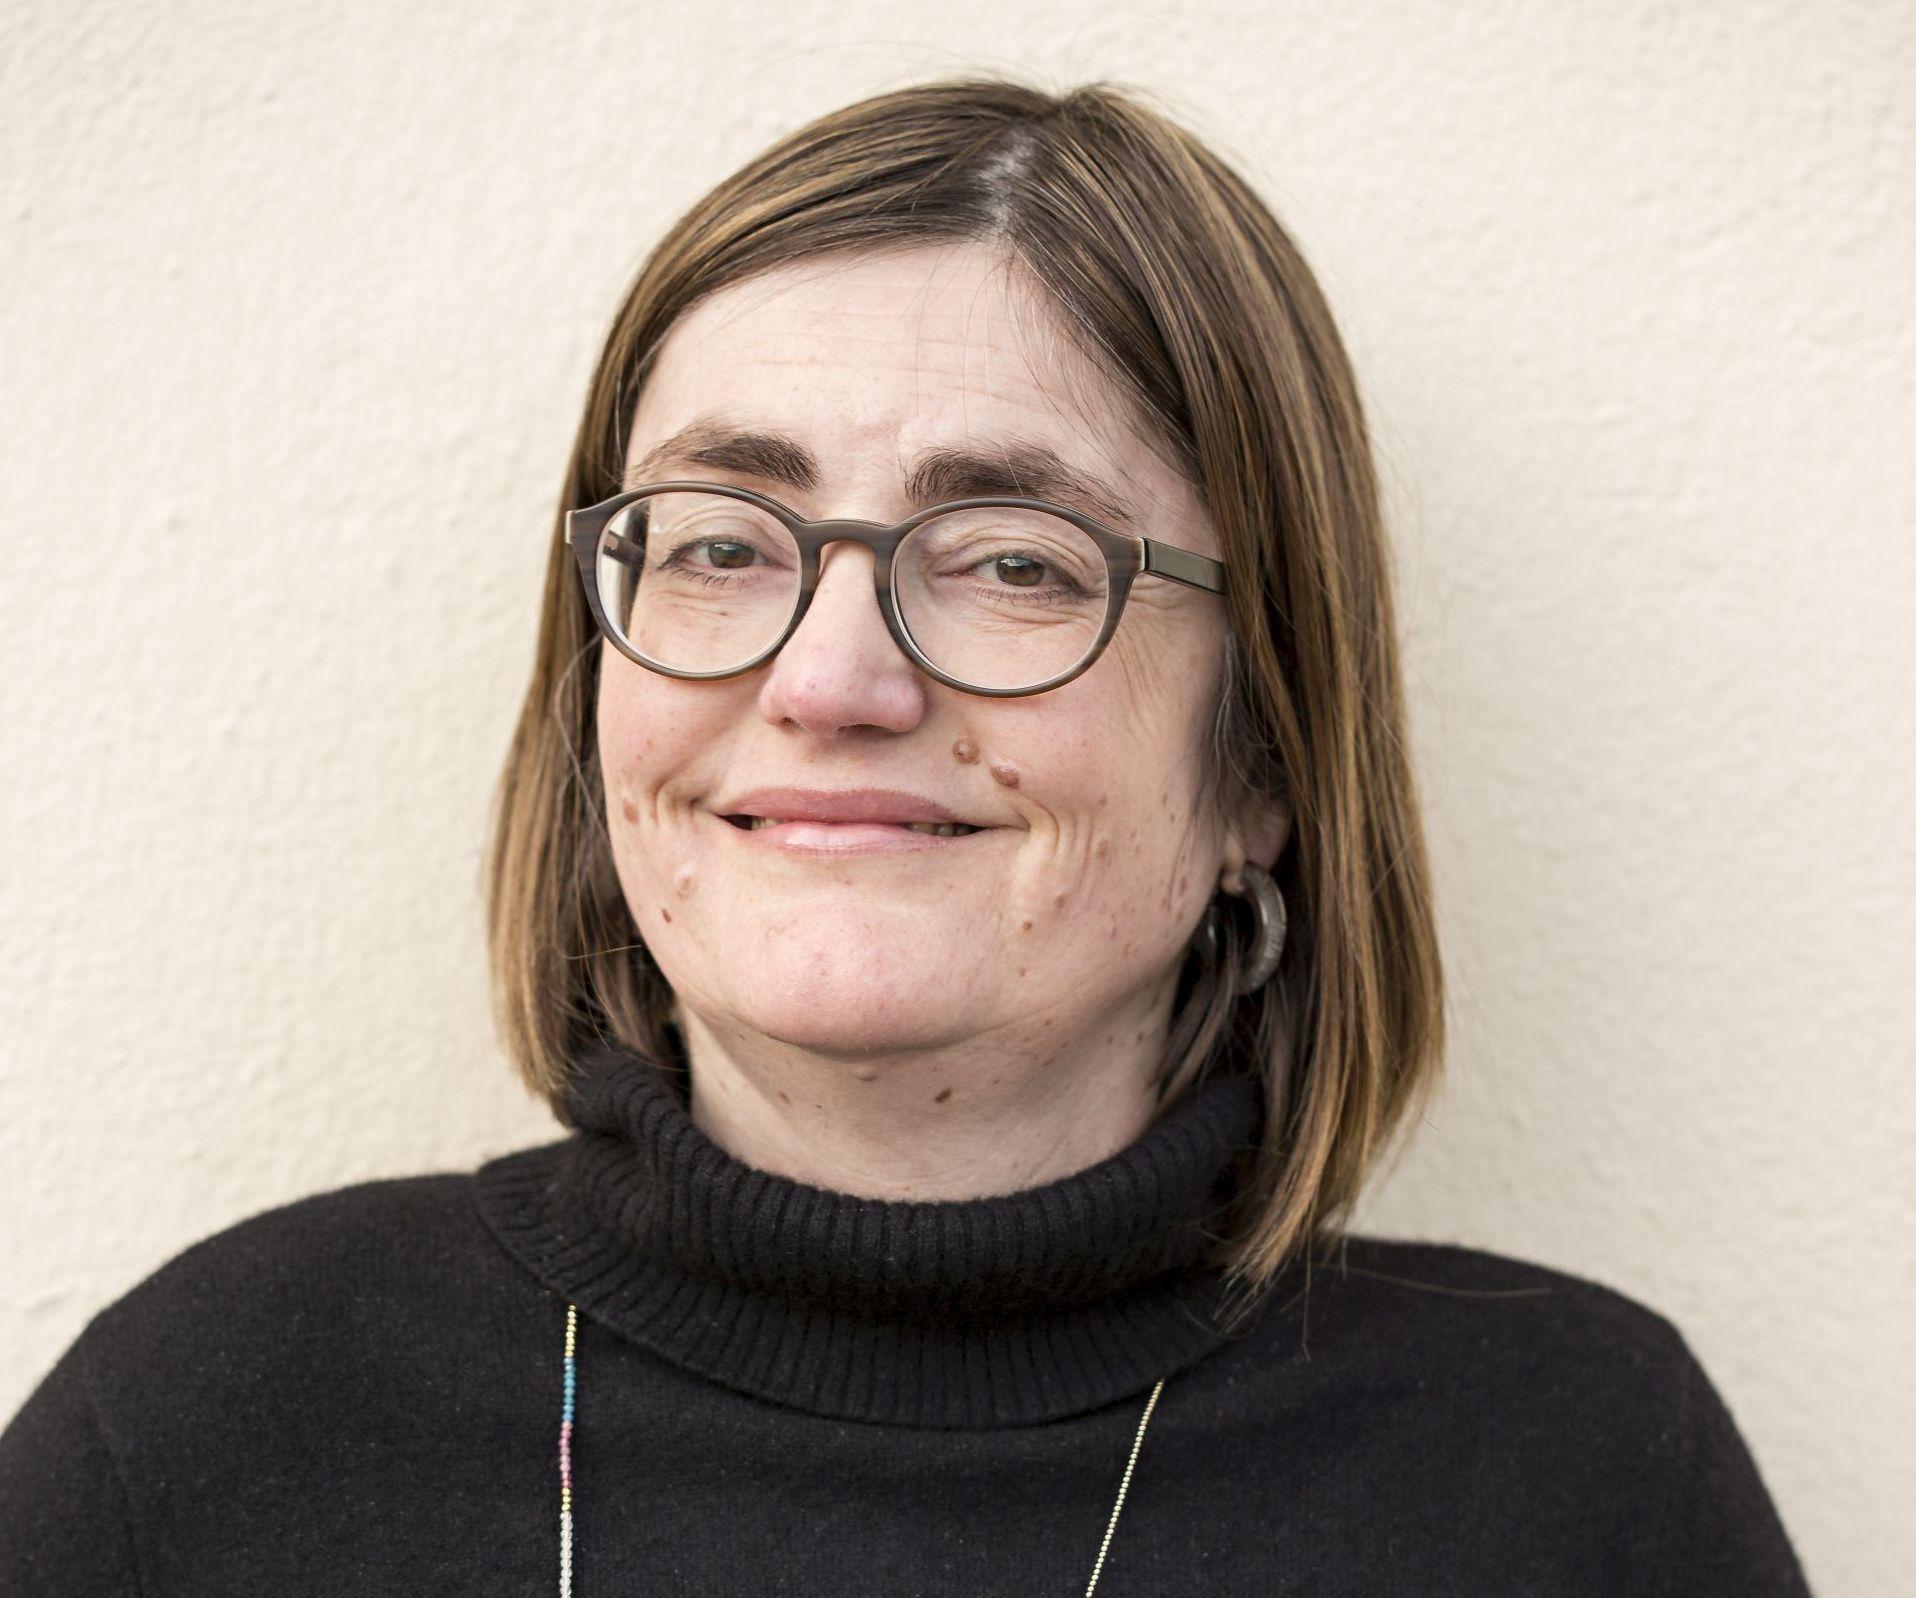 eine schwarz gekleidete Fau mit Brille